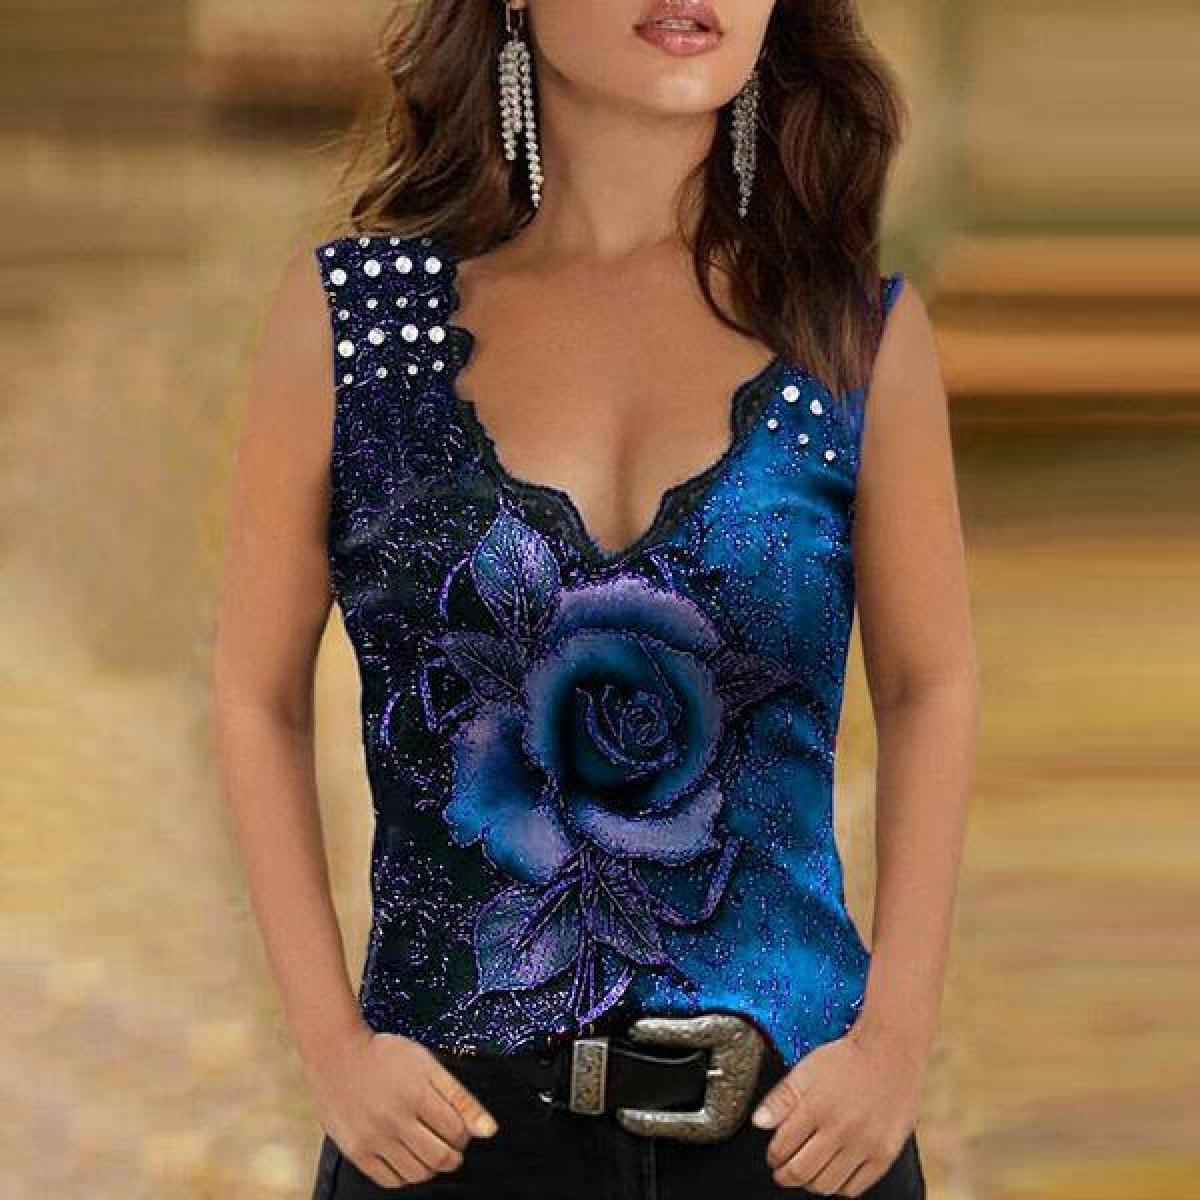 Camiseta sin mangas informal con estampado Floral para Mujer, Tops Multicolor con estampado de rosas en 3D, camiseta sin mangas Sexy, Camisetas sin mangas para Mujer